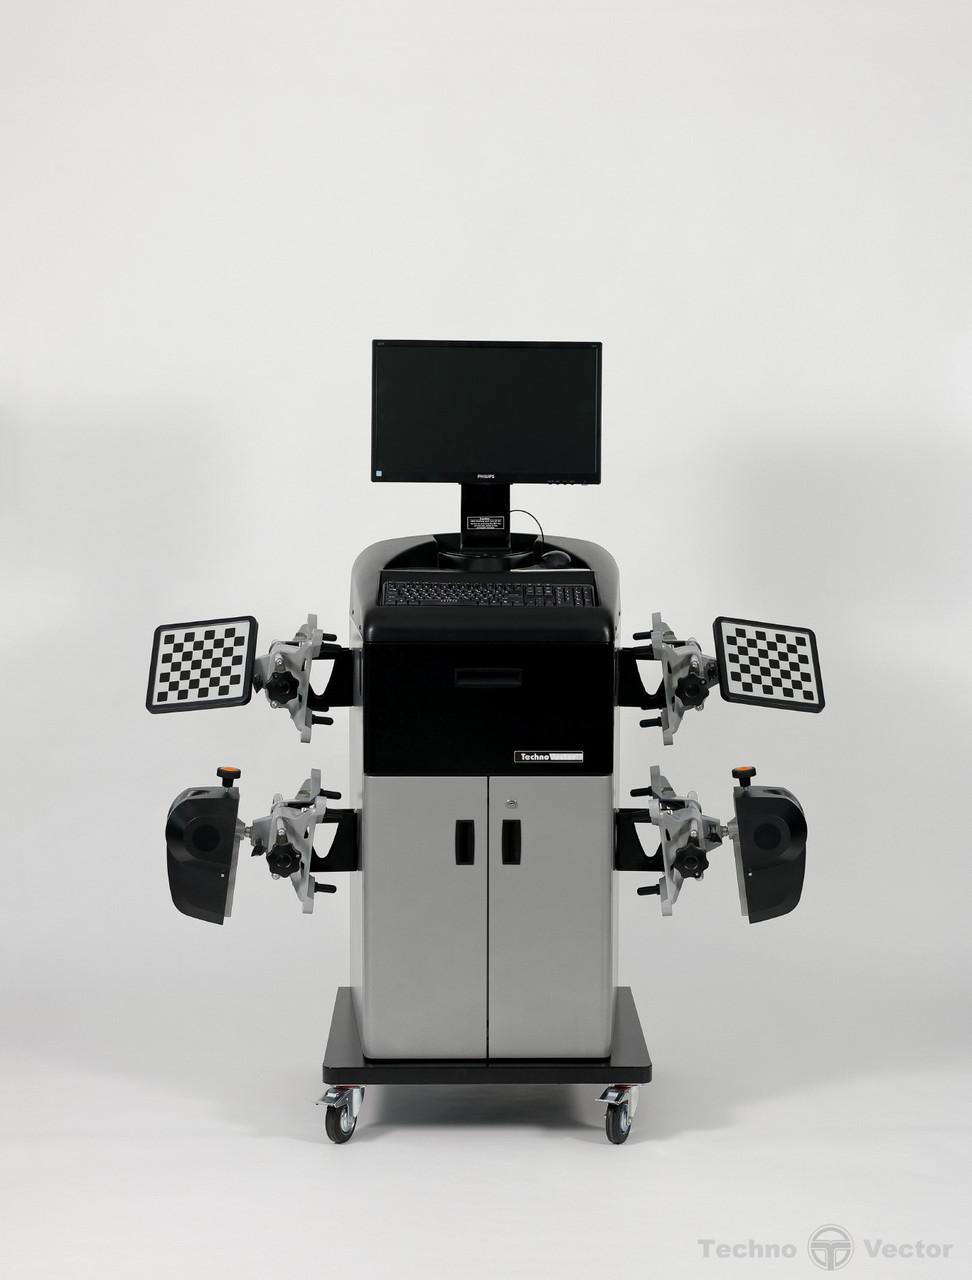 Техно Вектор 6 T 6202